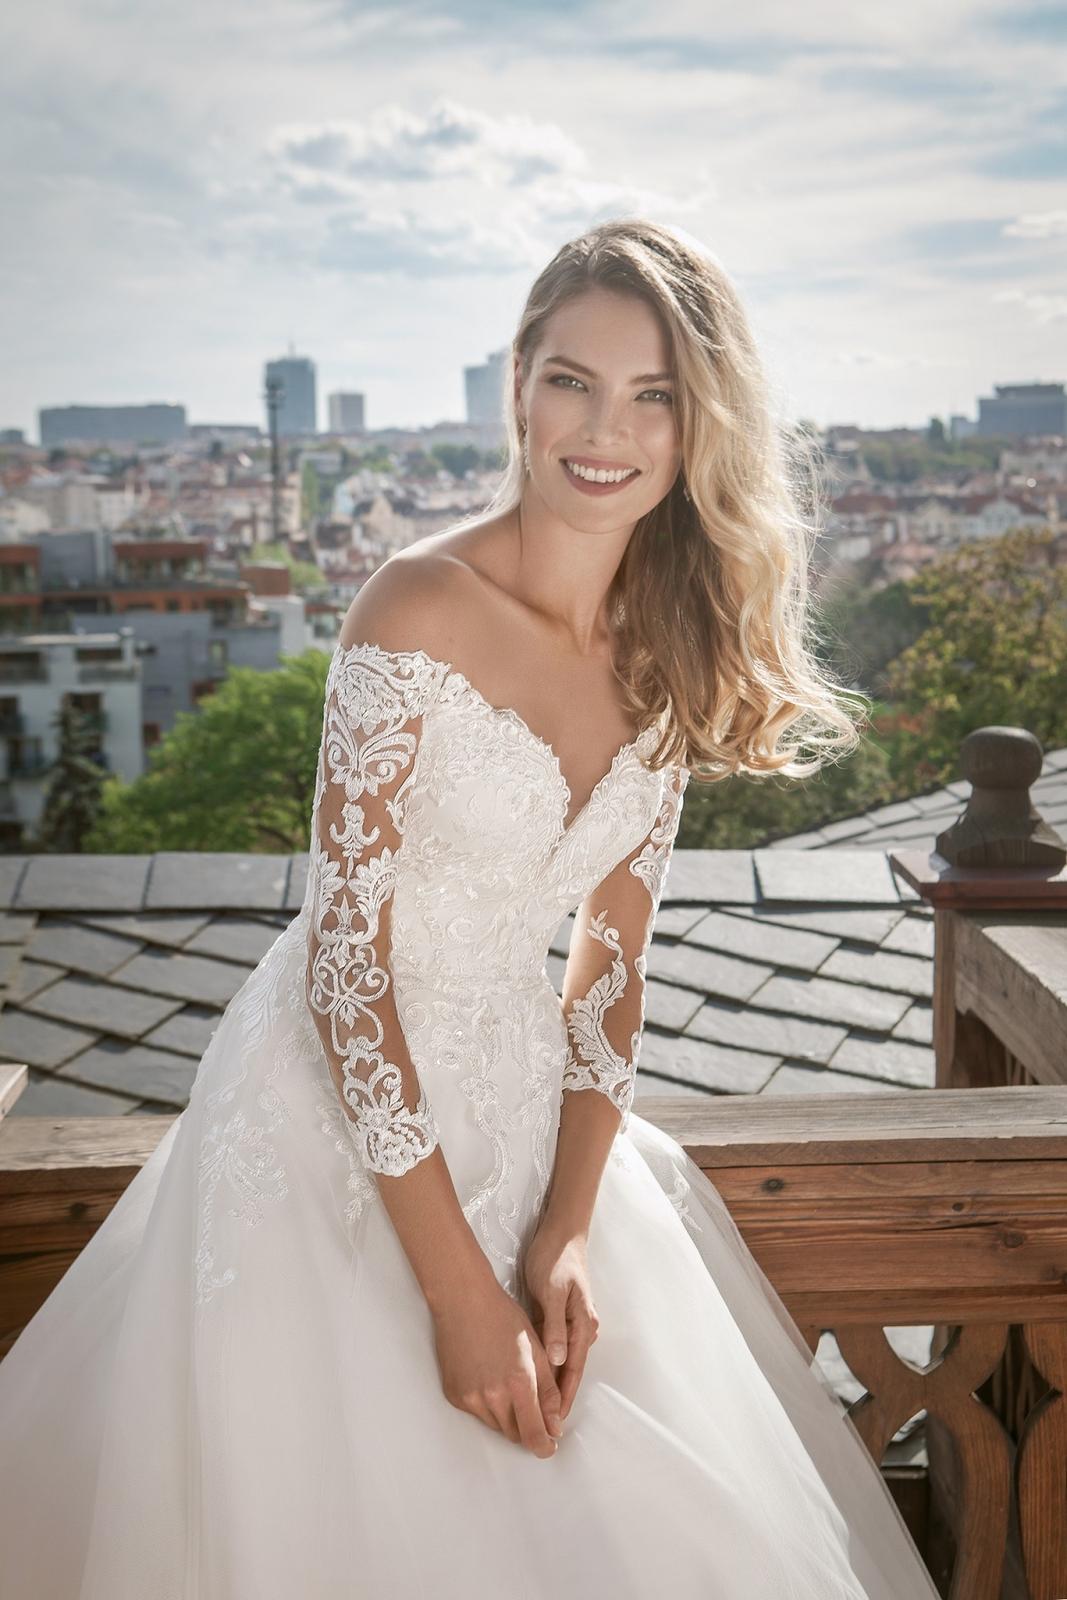 svatbyzbraslav - Alison svatební šaty